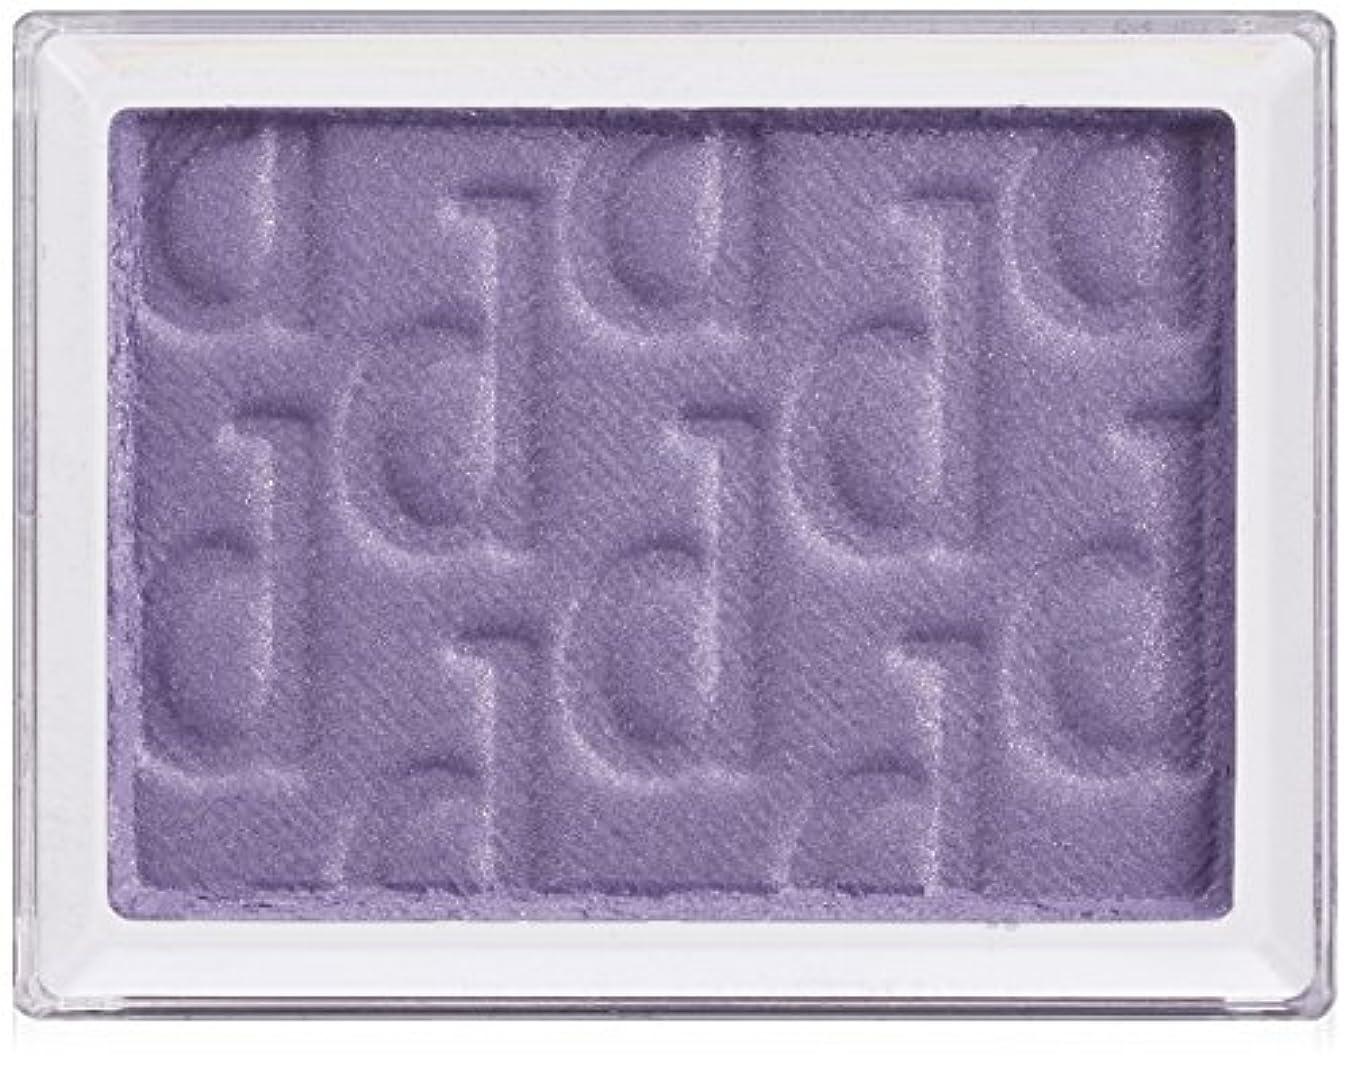 繁雑トリクルマトロンd プログラム アイトリートメントカラー VI755 アイシャドウ (レフィル) 1.5g